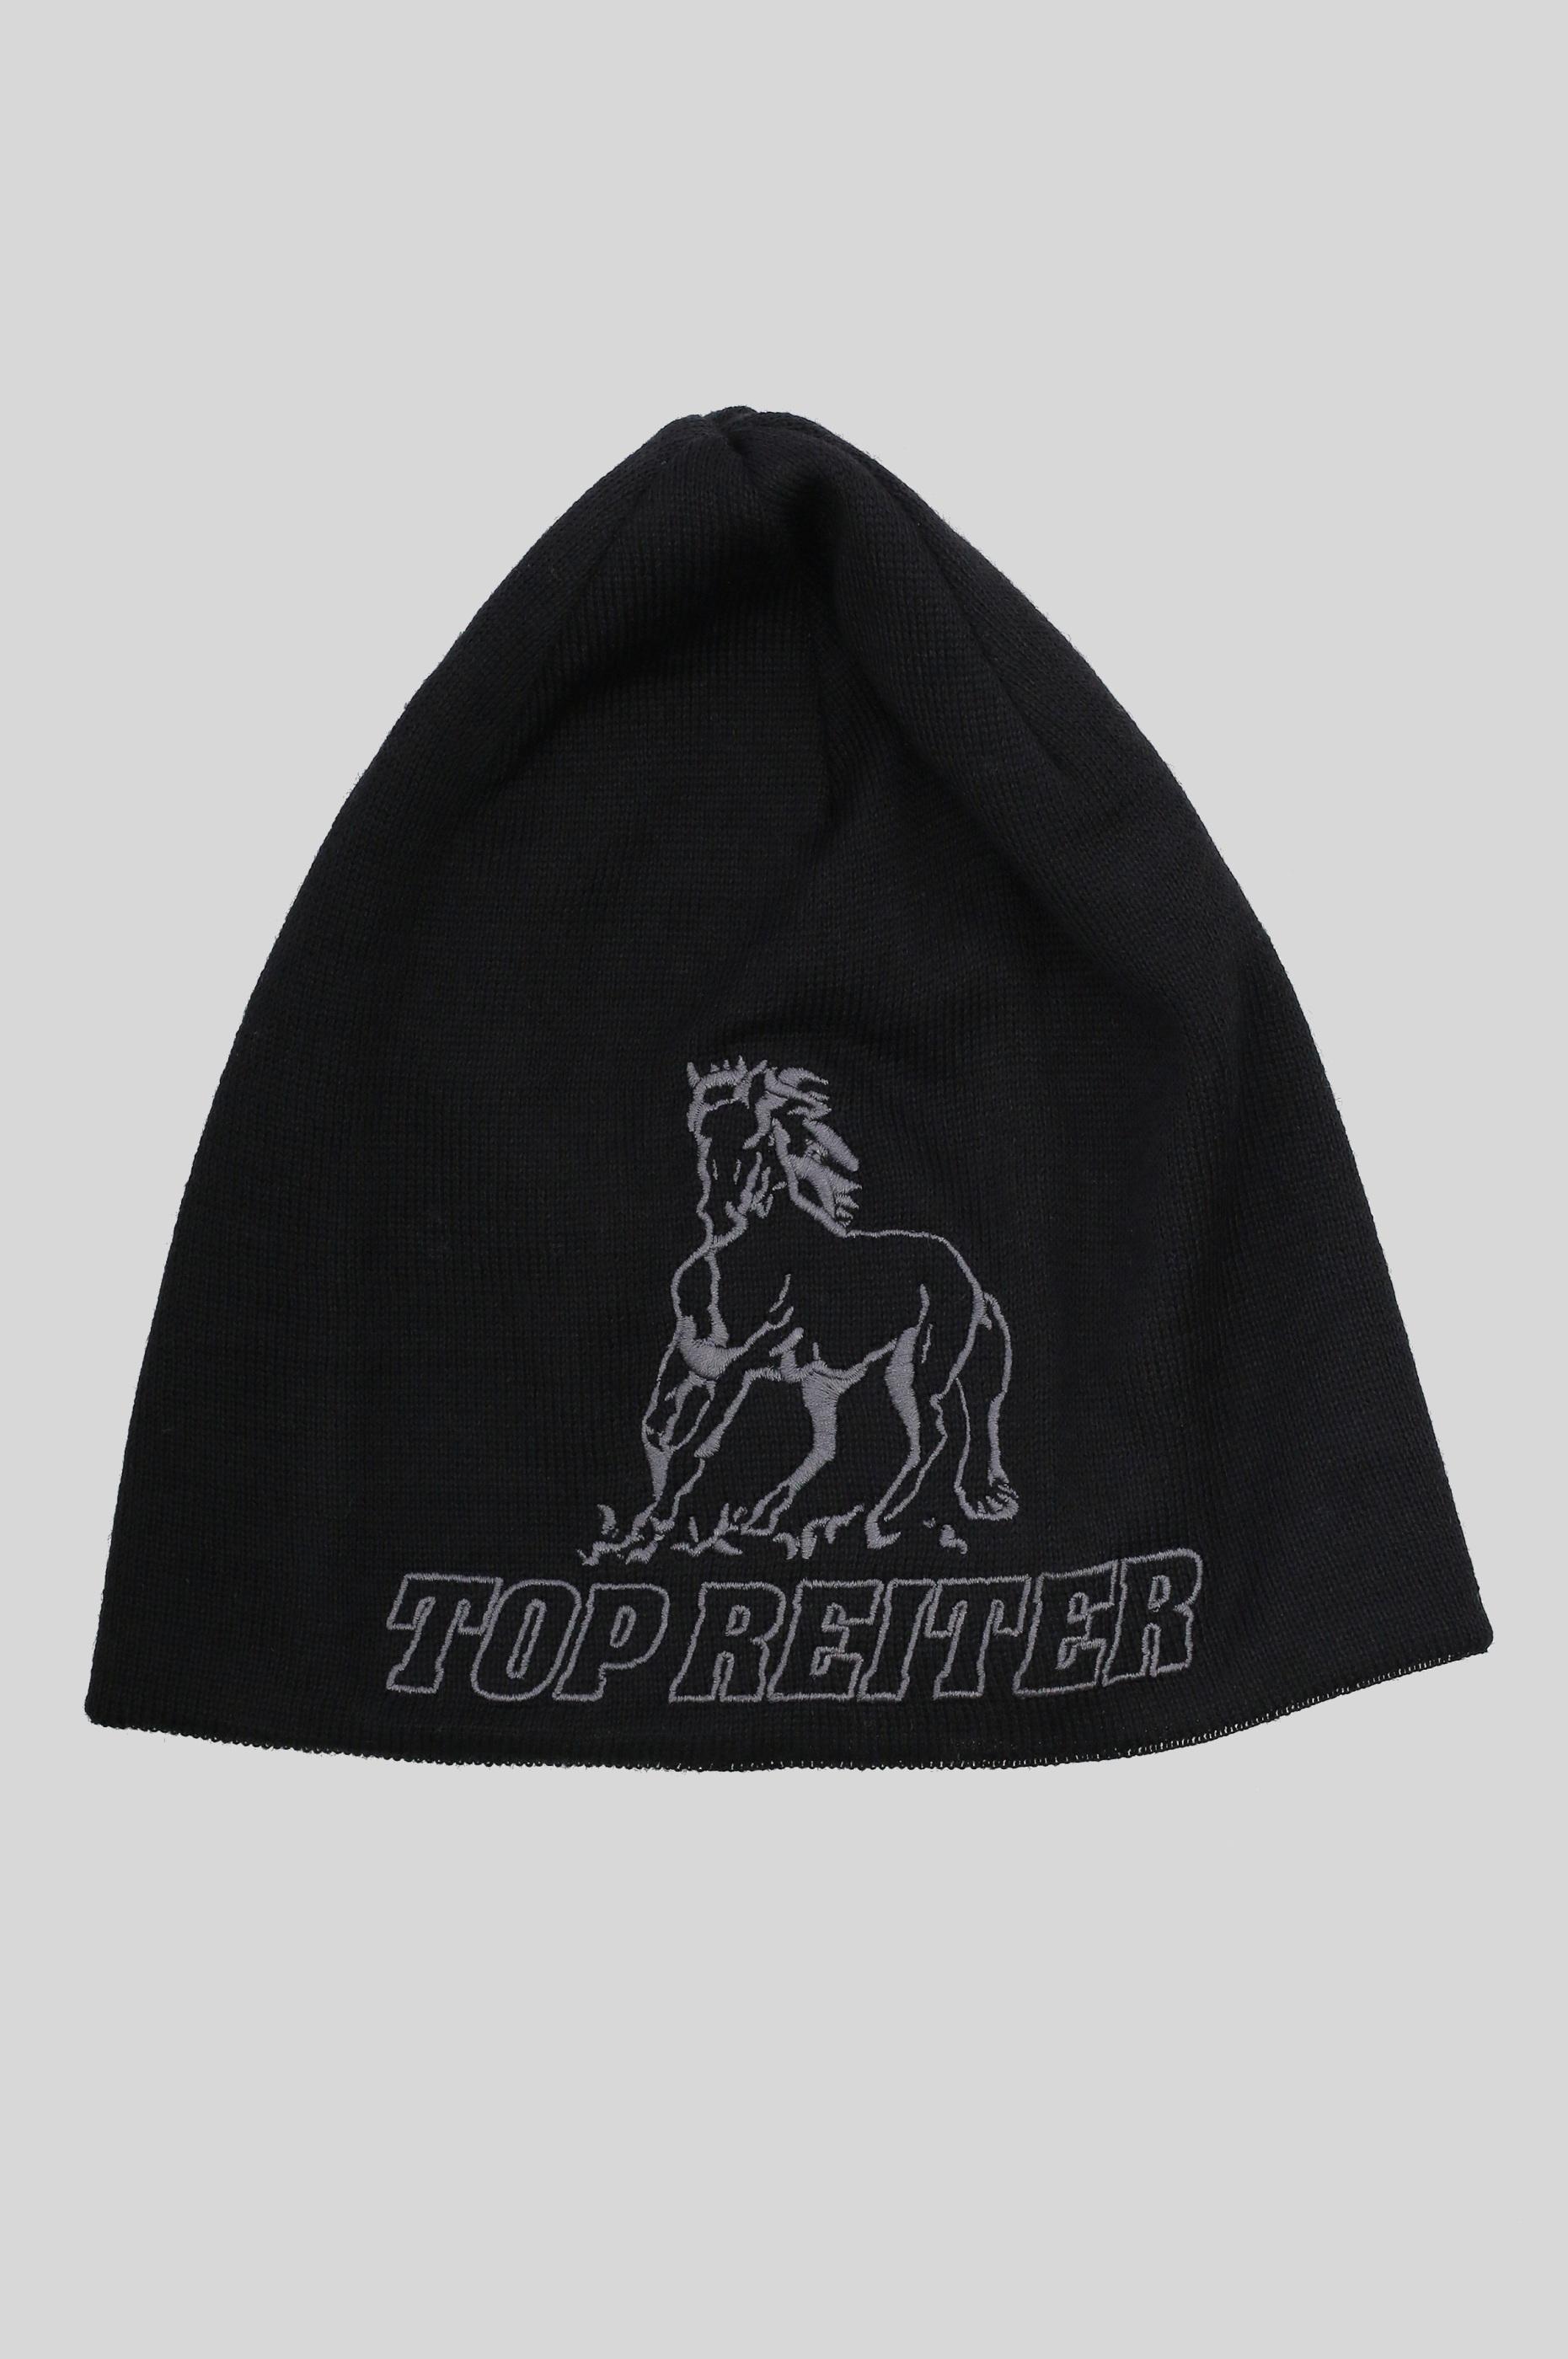 TOP REITER Beanie-GEYSIR-4251260222664-4